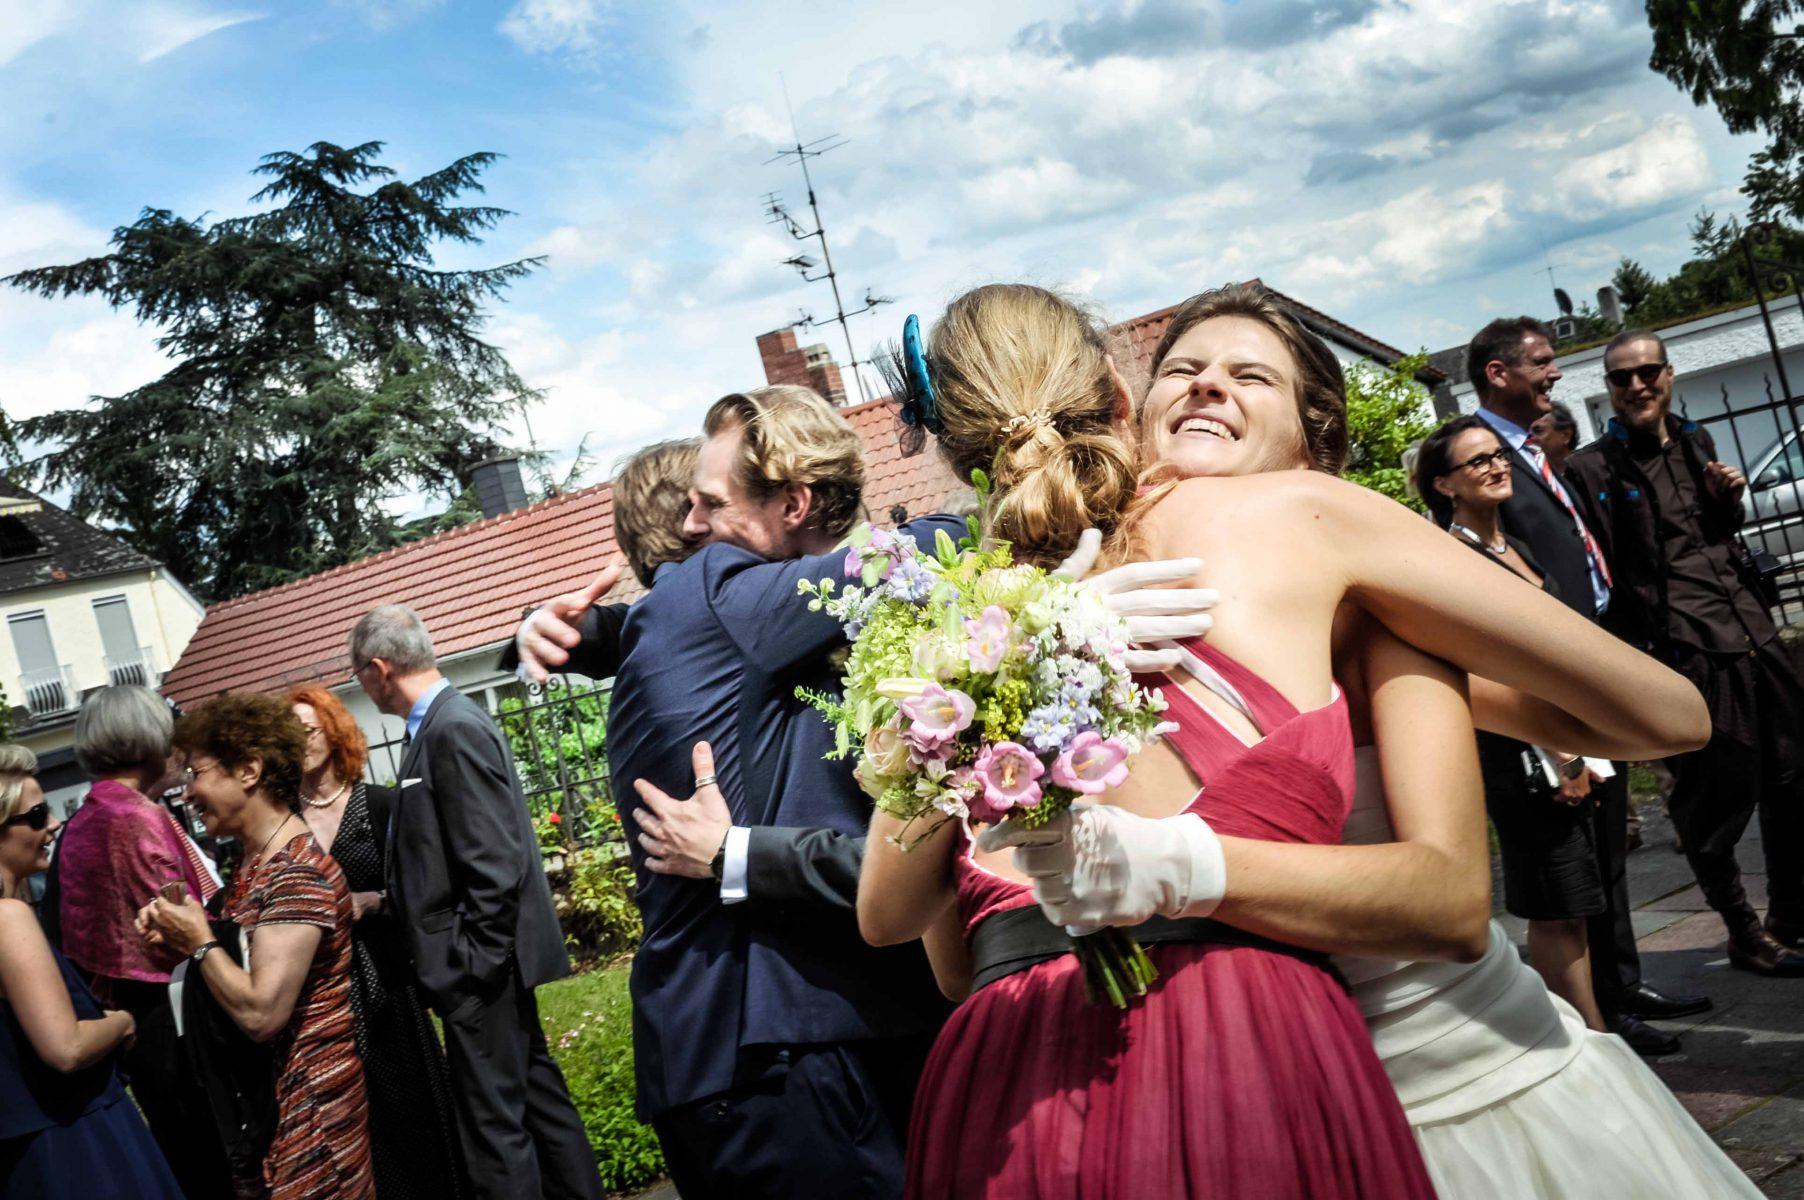 Hochzeit Gratulation B2000 222028 1804x1200 - GRATULATION & EMOTION